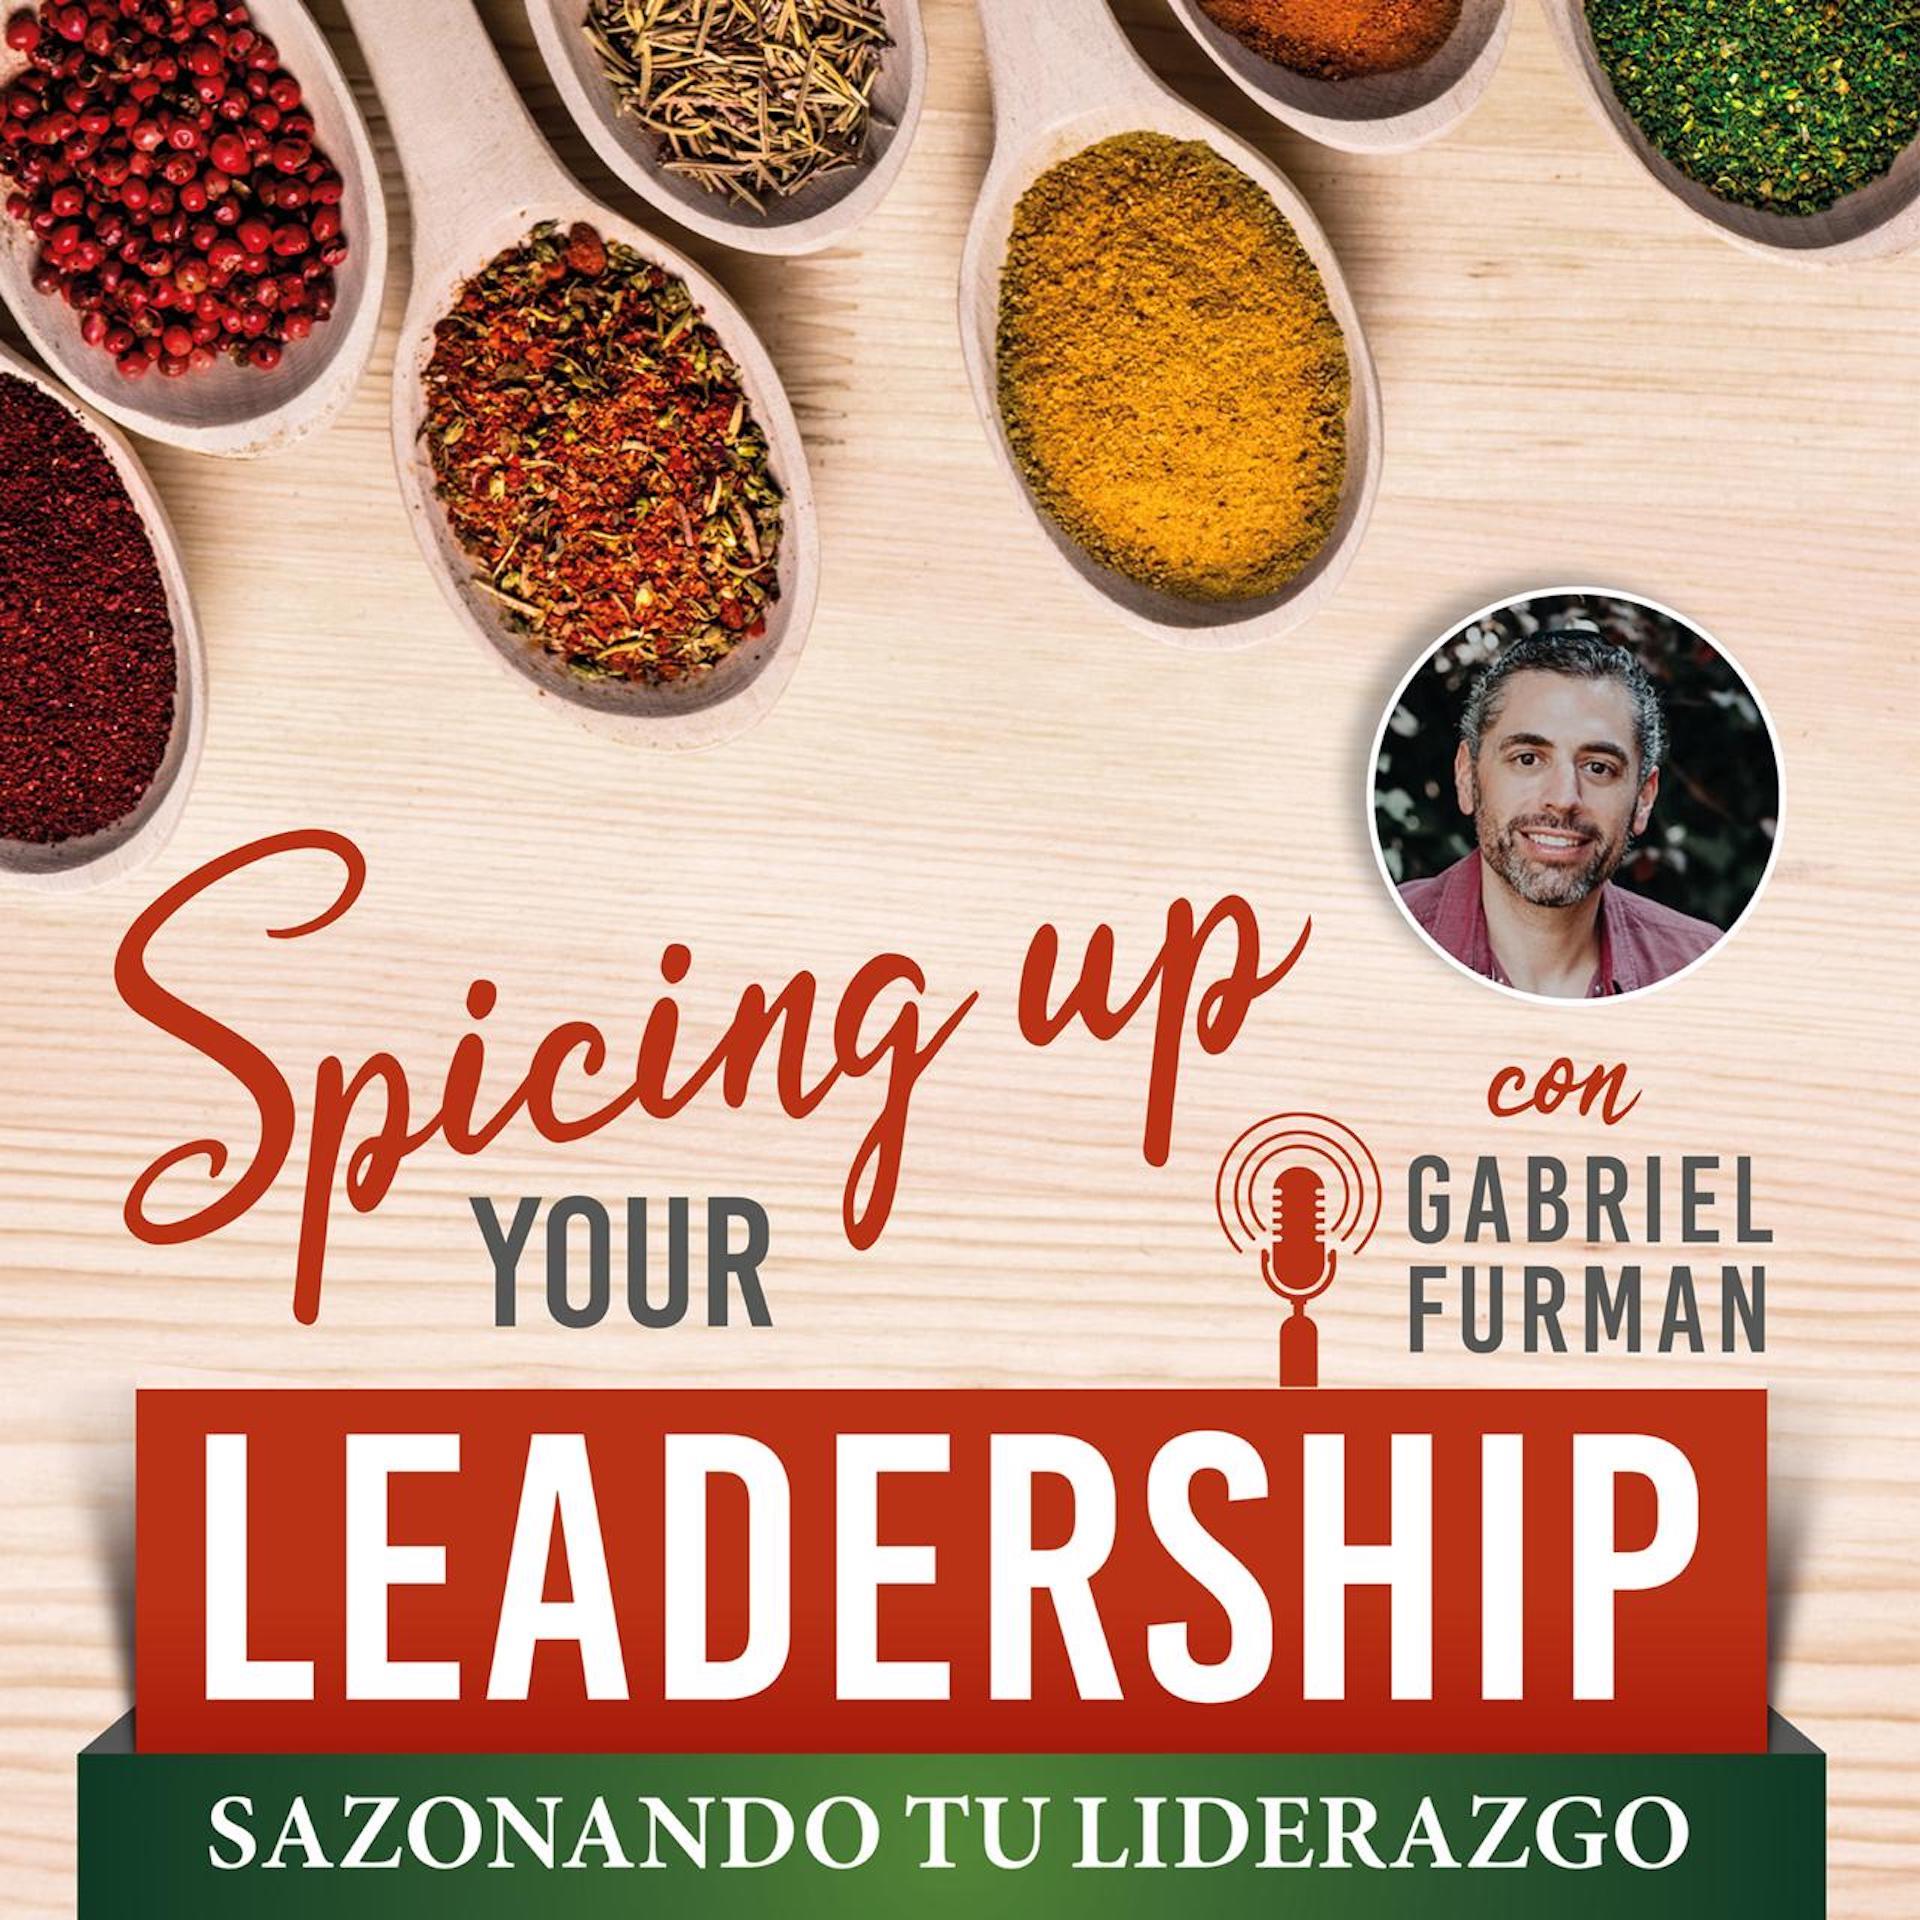 Mitos y realidades de un Chief Happiness Officer según Sergi Bonilla en el programa de Gabriel Furman